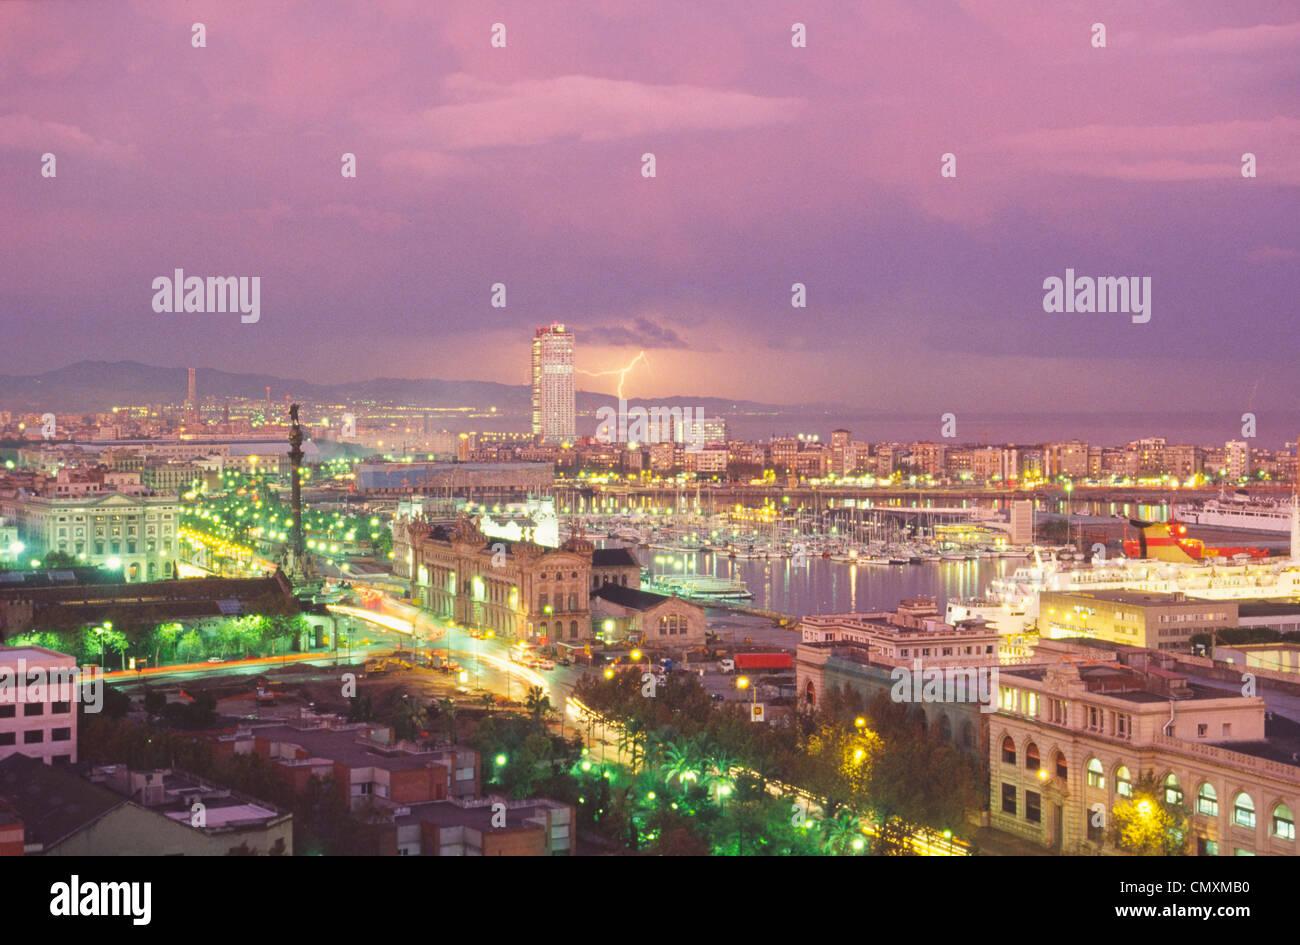 Thunderstorm over Barcelona, Spain - Stock Image